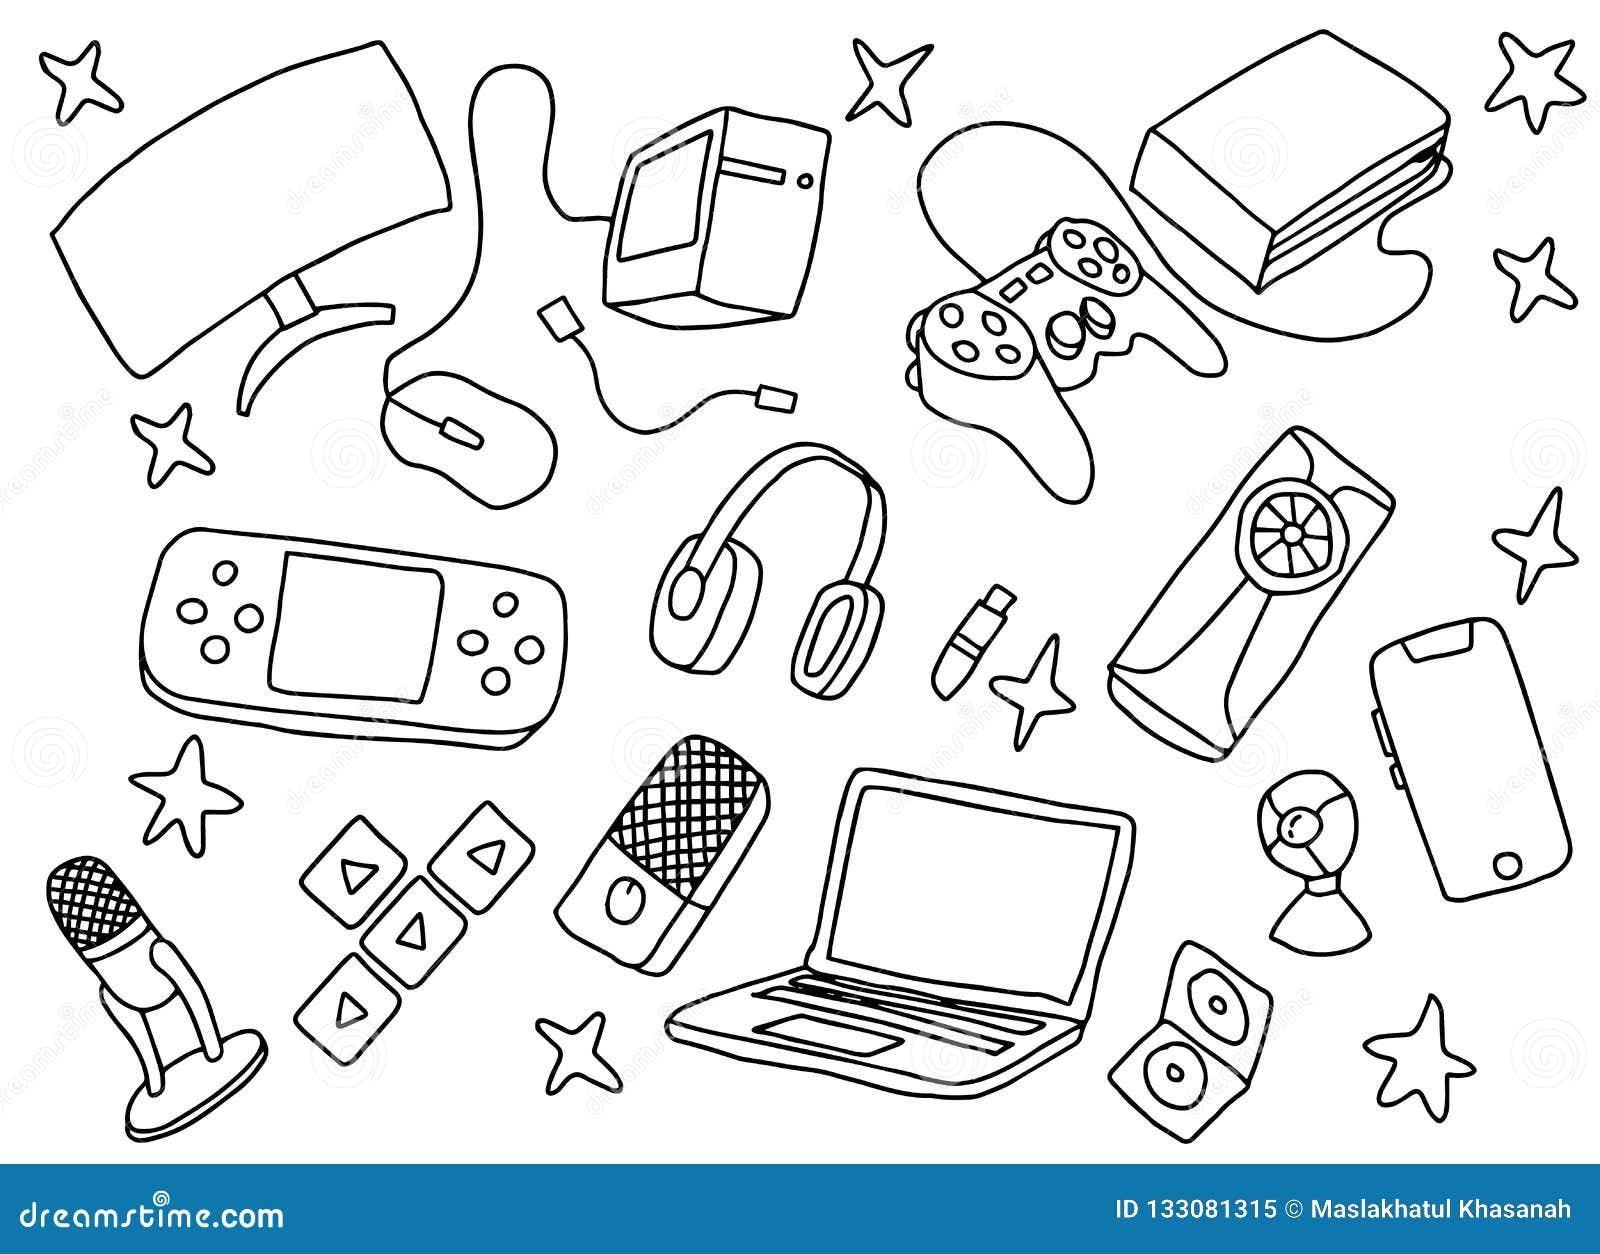 Gekritzelspiel-Spielkunst mit Spielwerkzeug-Hardware und Schwarzweiss-Farbe